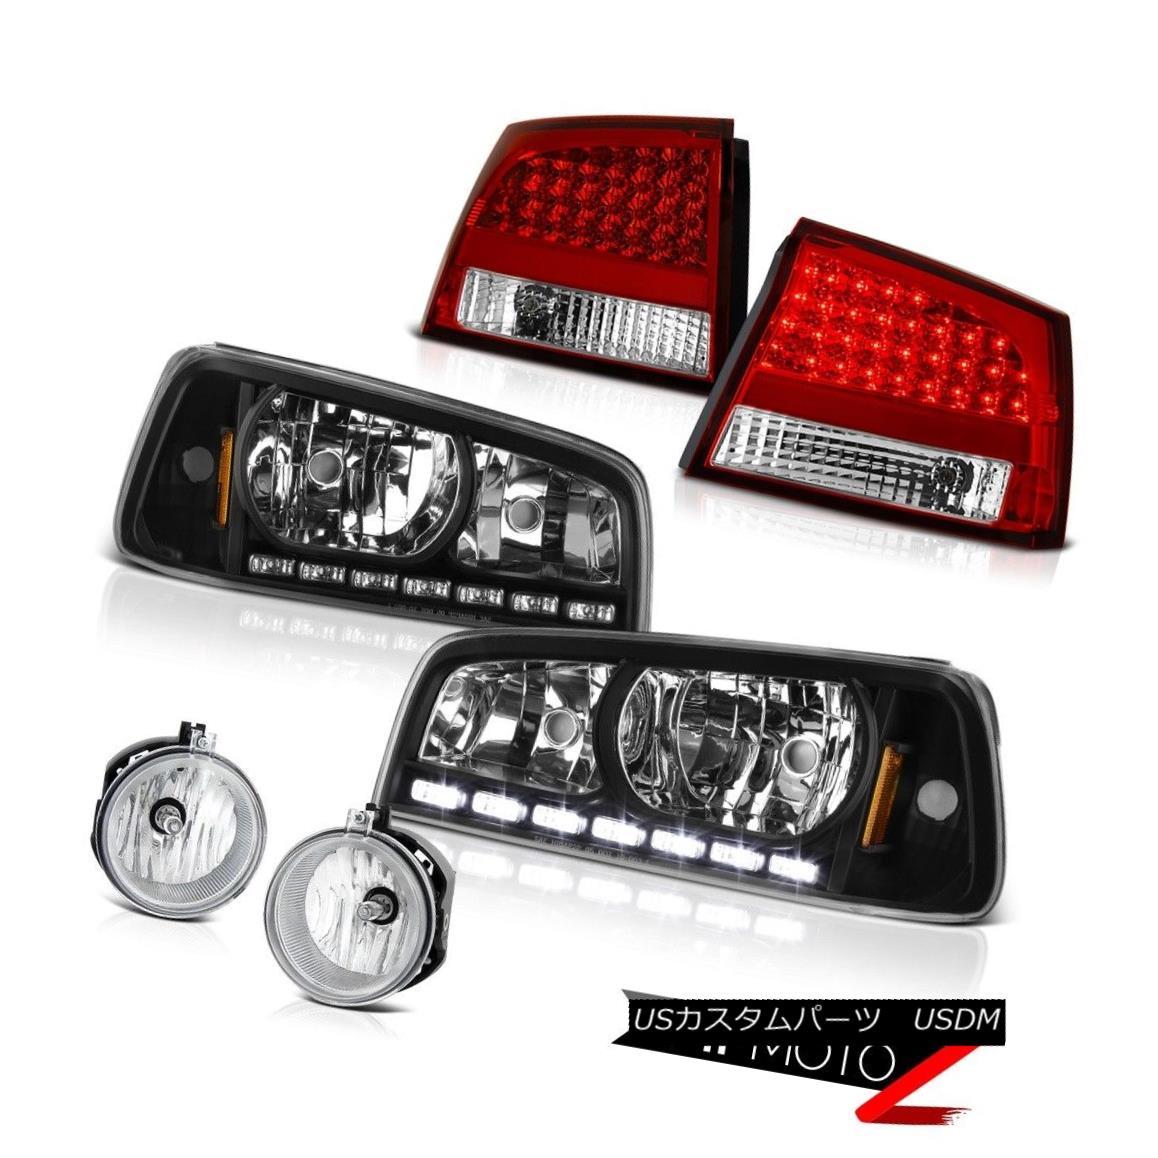 テールライト Crystal Black headlight LED Taillamp 2006 2007 2008 Charger Hemi Bumper Foglight クリスタルブラックヘッドライトLED Taillamp 2006 2007 2008 Charger Hemi Bumper Foglight